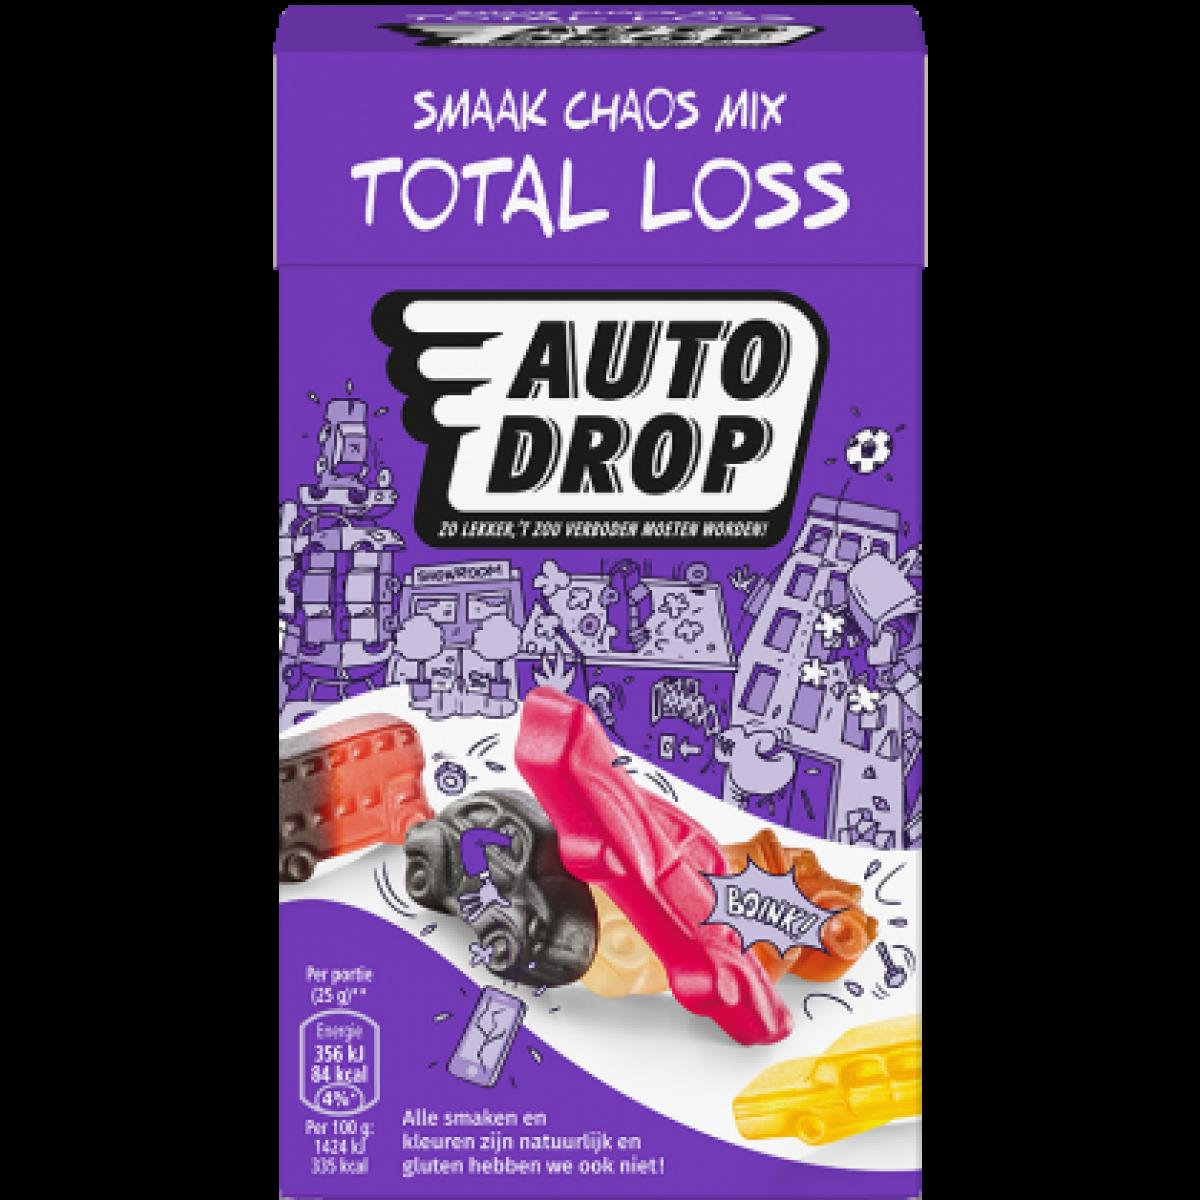 Total Loss Mixdoos